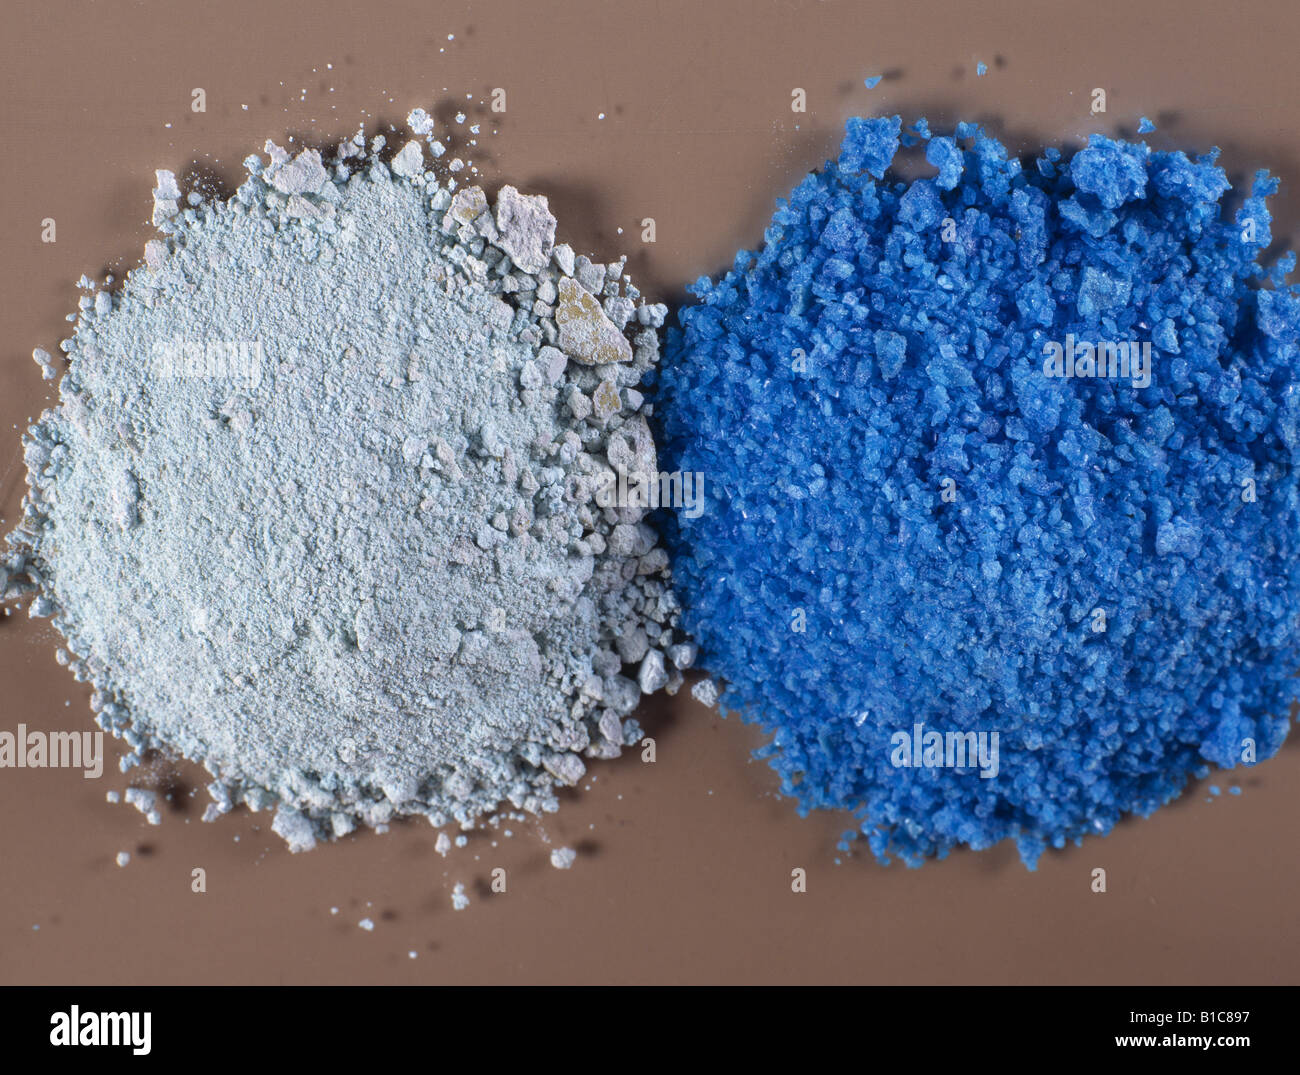 hydrous copper sulfate